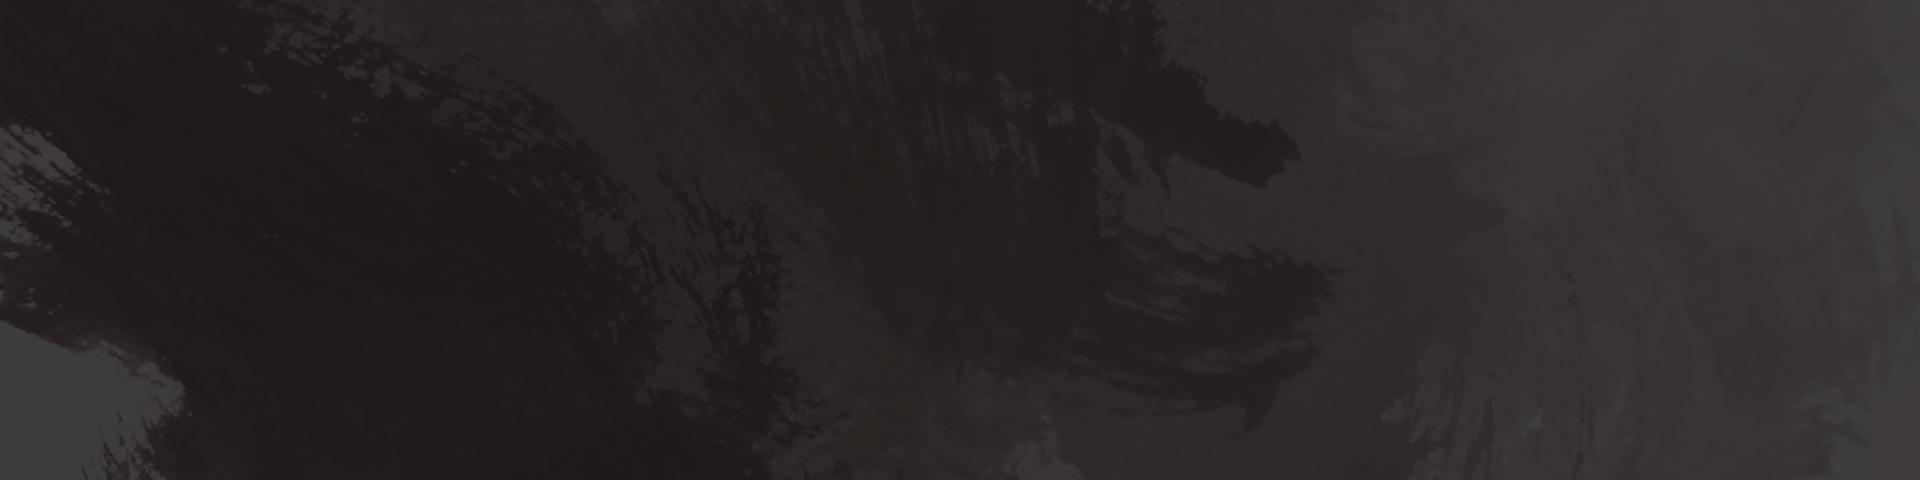 Banner_รวมสยบฟ้า_18_BG